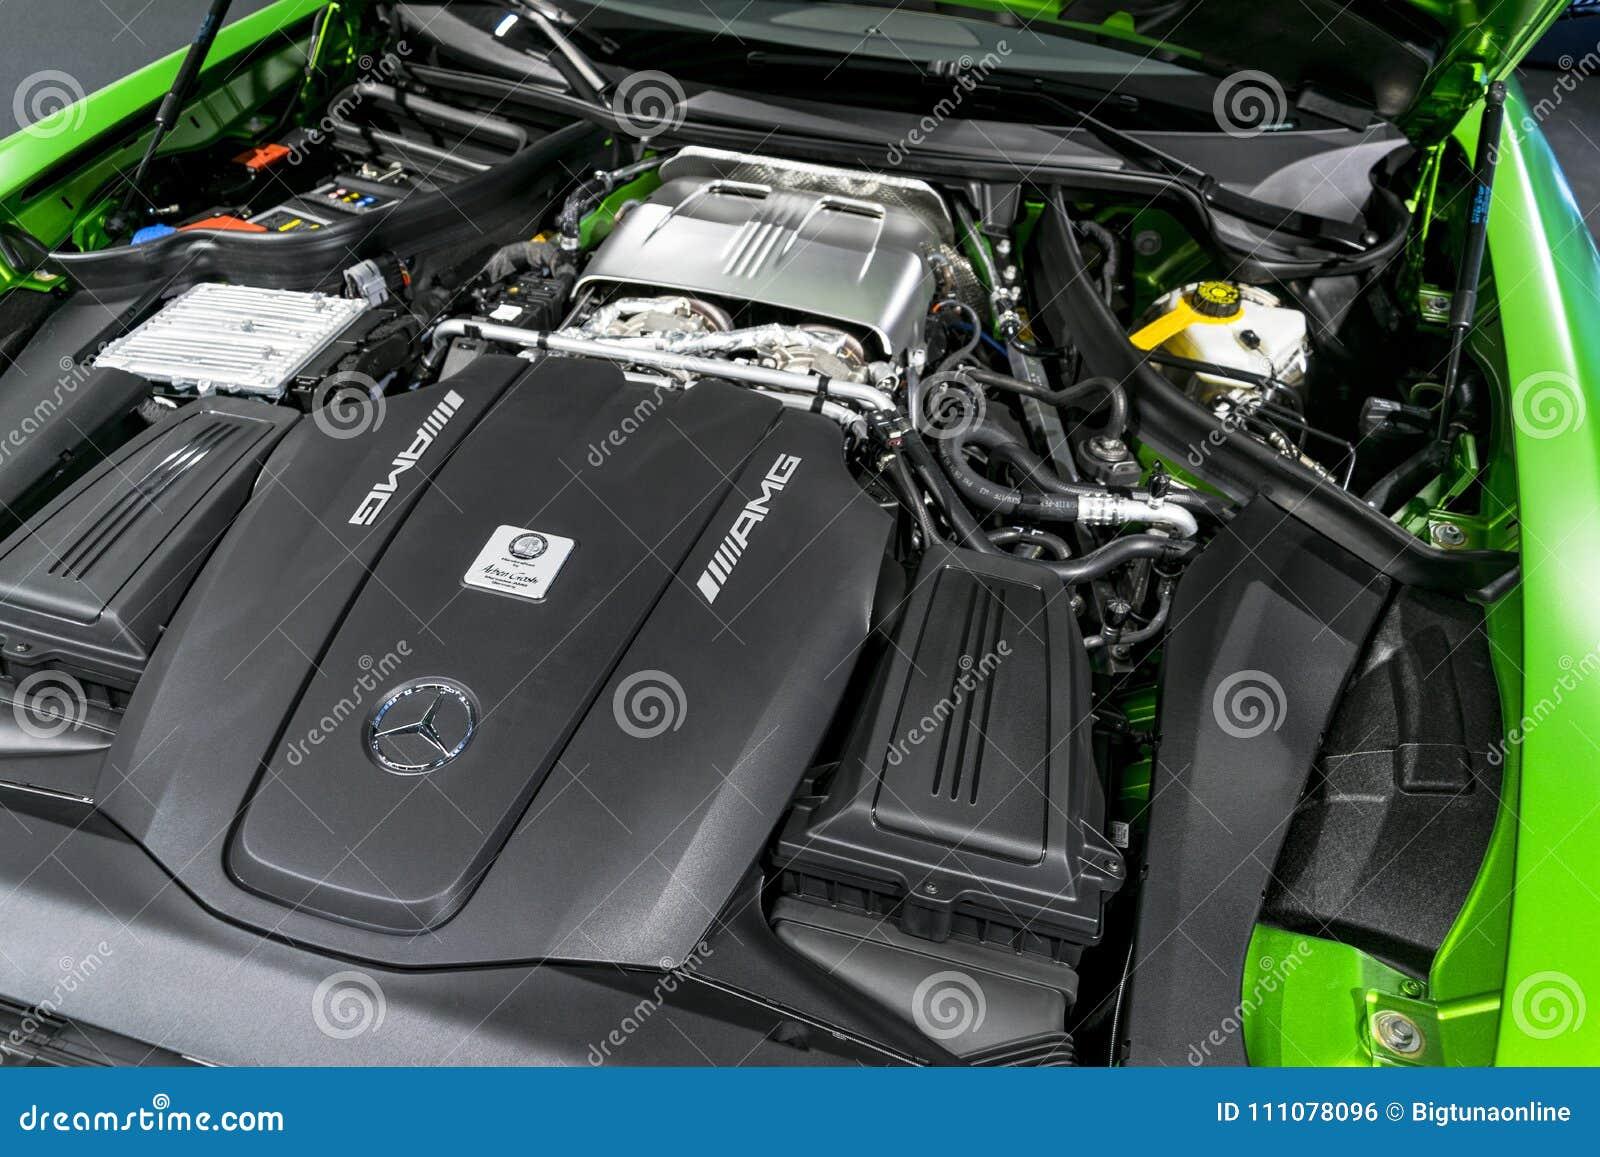 Chiuda su dei dettagli GTR 2018 di esterno del motore AMG V8 Bi-turbo di Mercedes-Benz Motore handcrafted potente